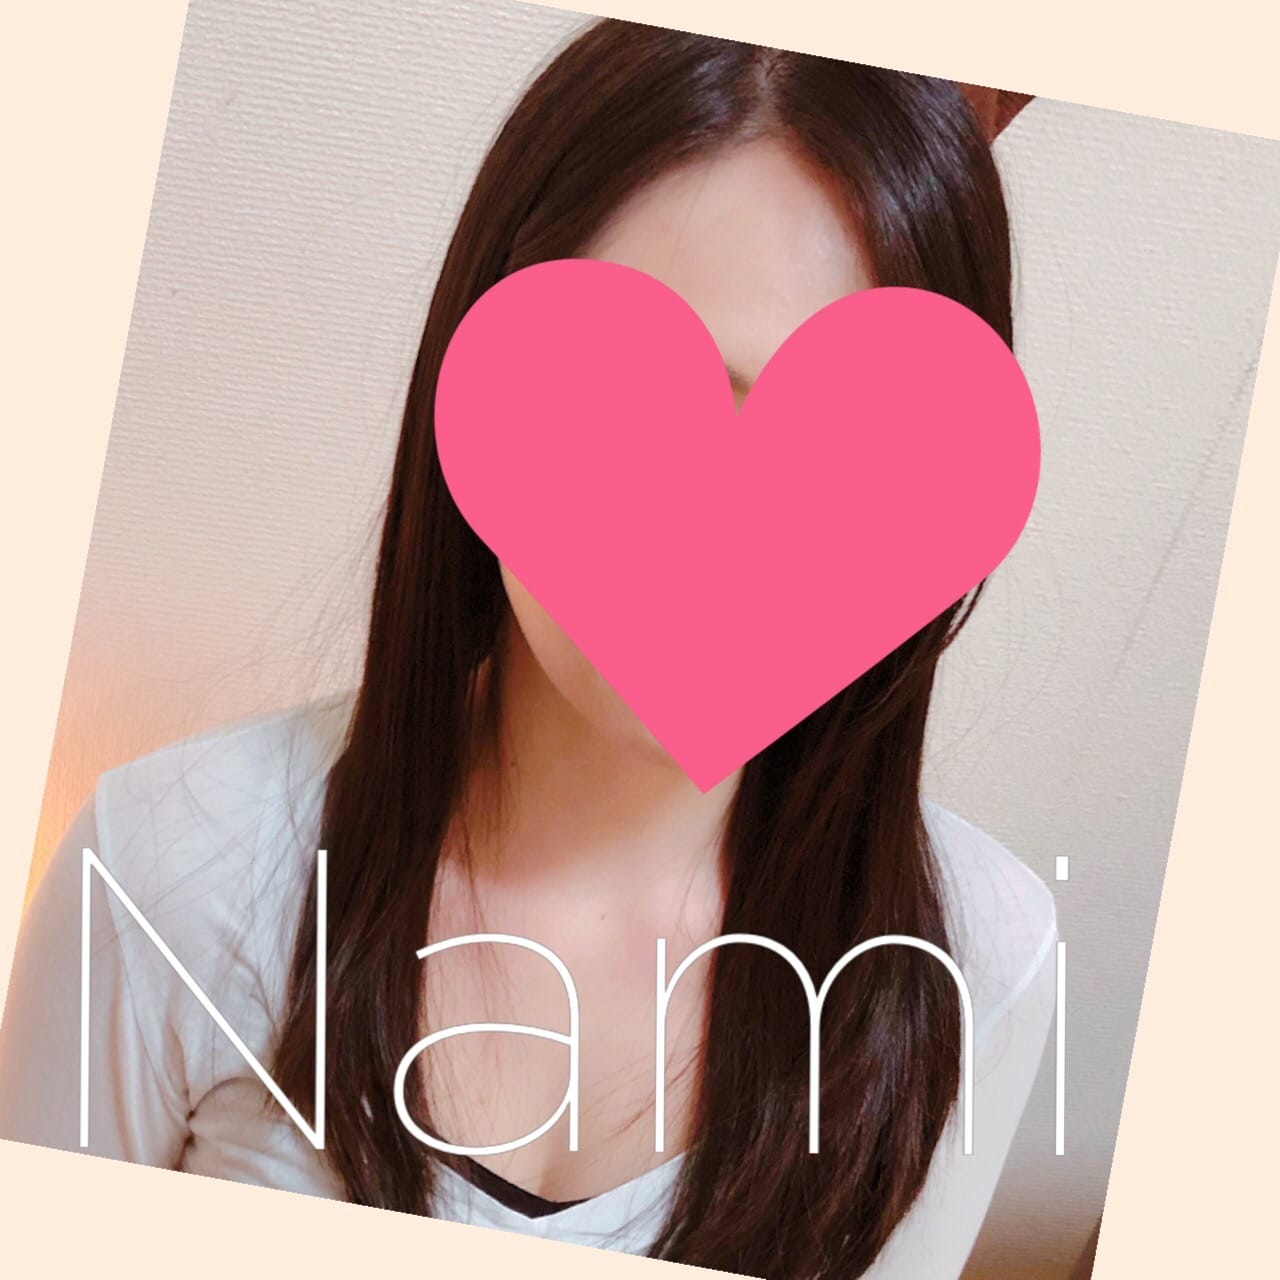 「なみちゃん♪」03/26(03/26) 20:32 | なみの写メ・風俗動画